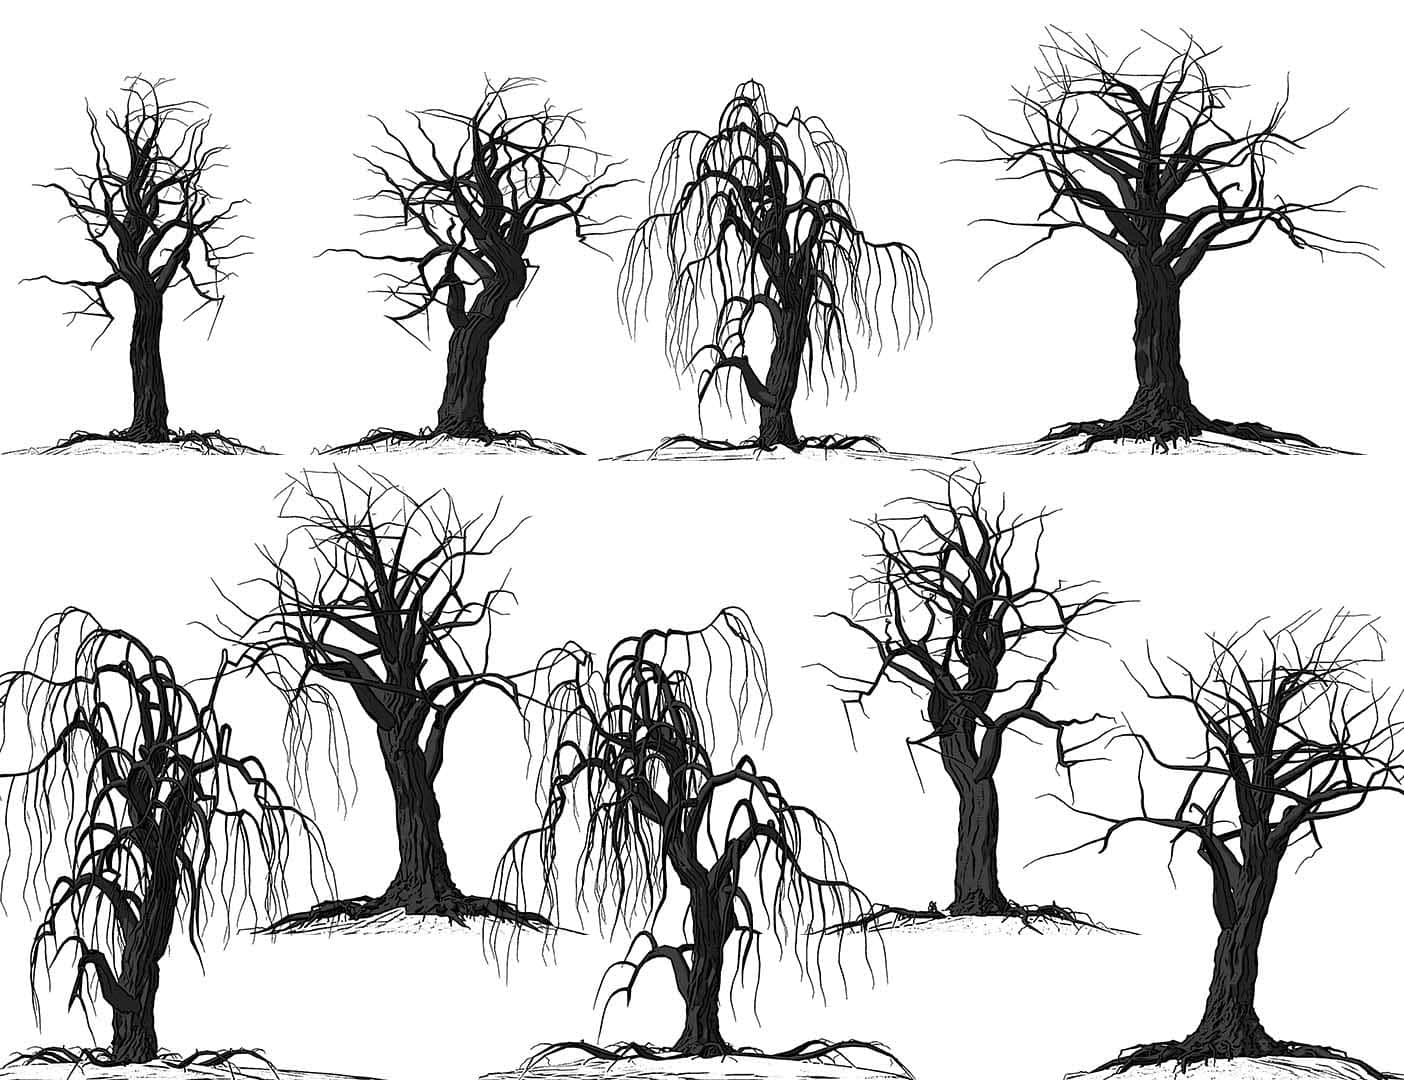 枯干的树木、恐怖大树Photoshop鬼树笔刷 鬼树笔刷 柳树笔刷 大树笔刷  plants brushes